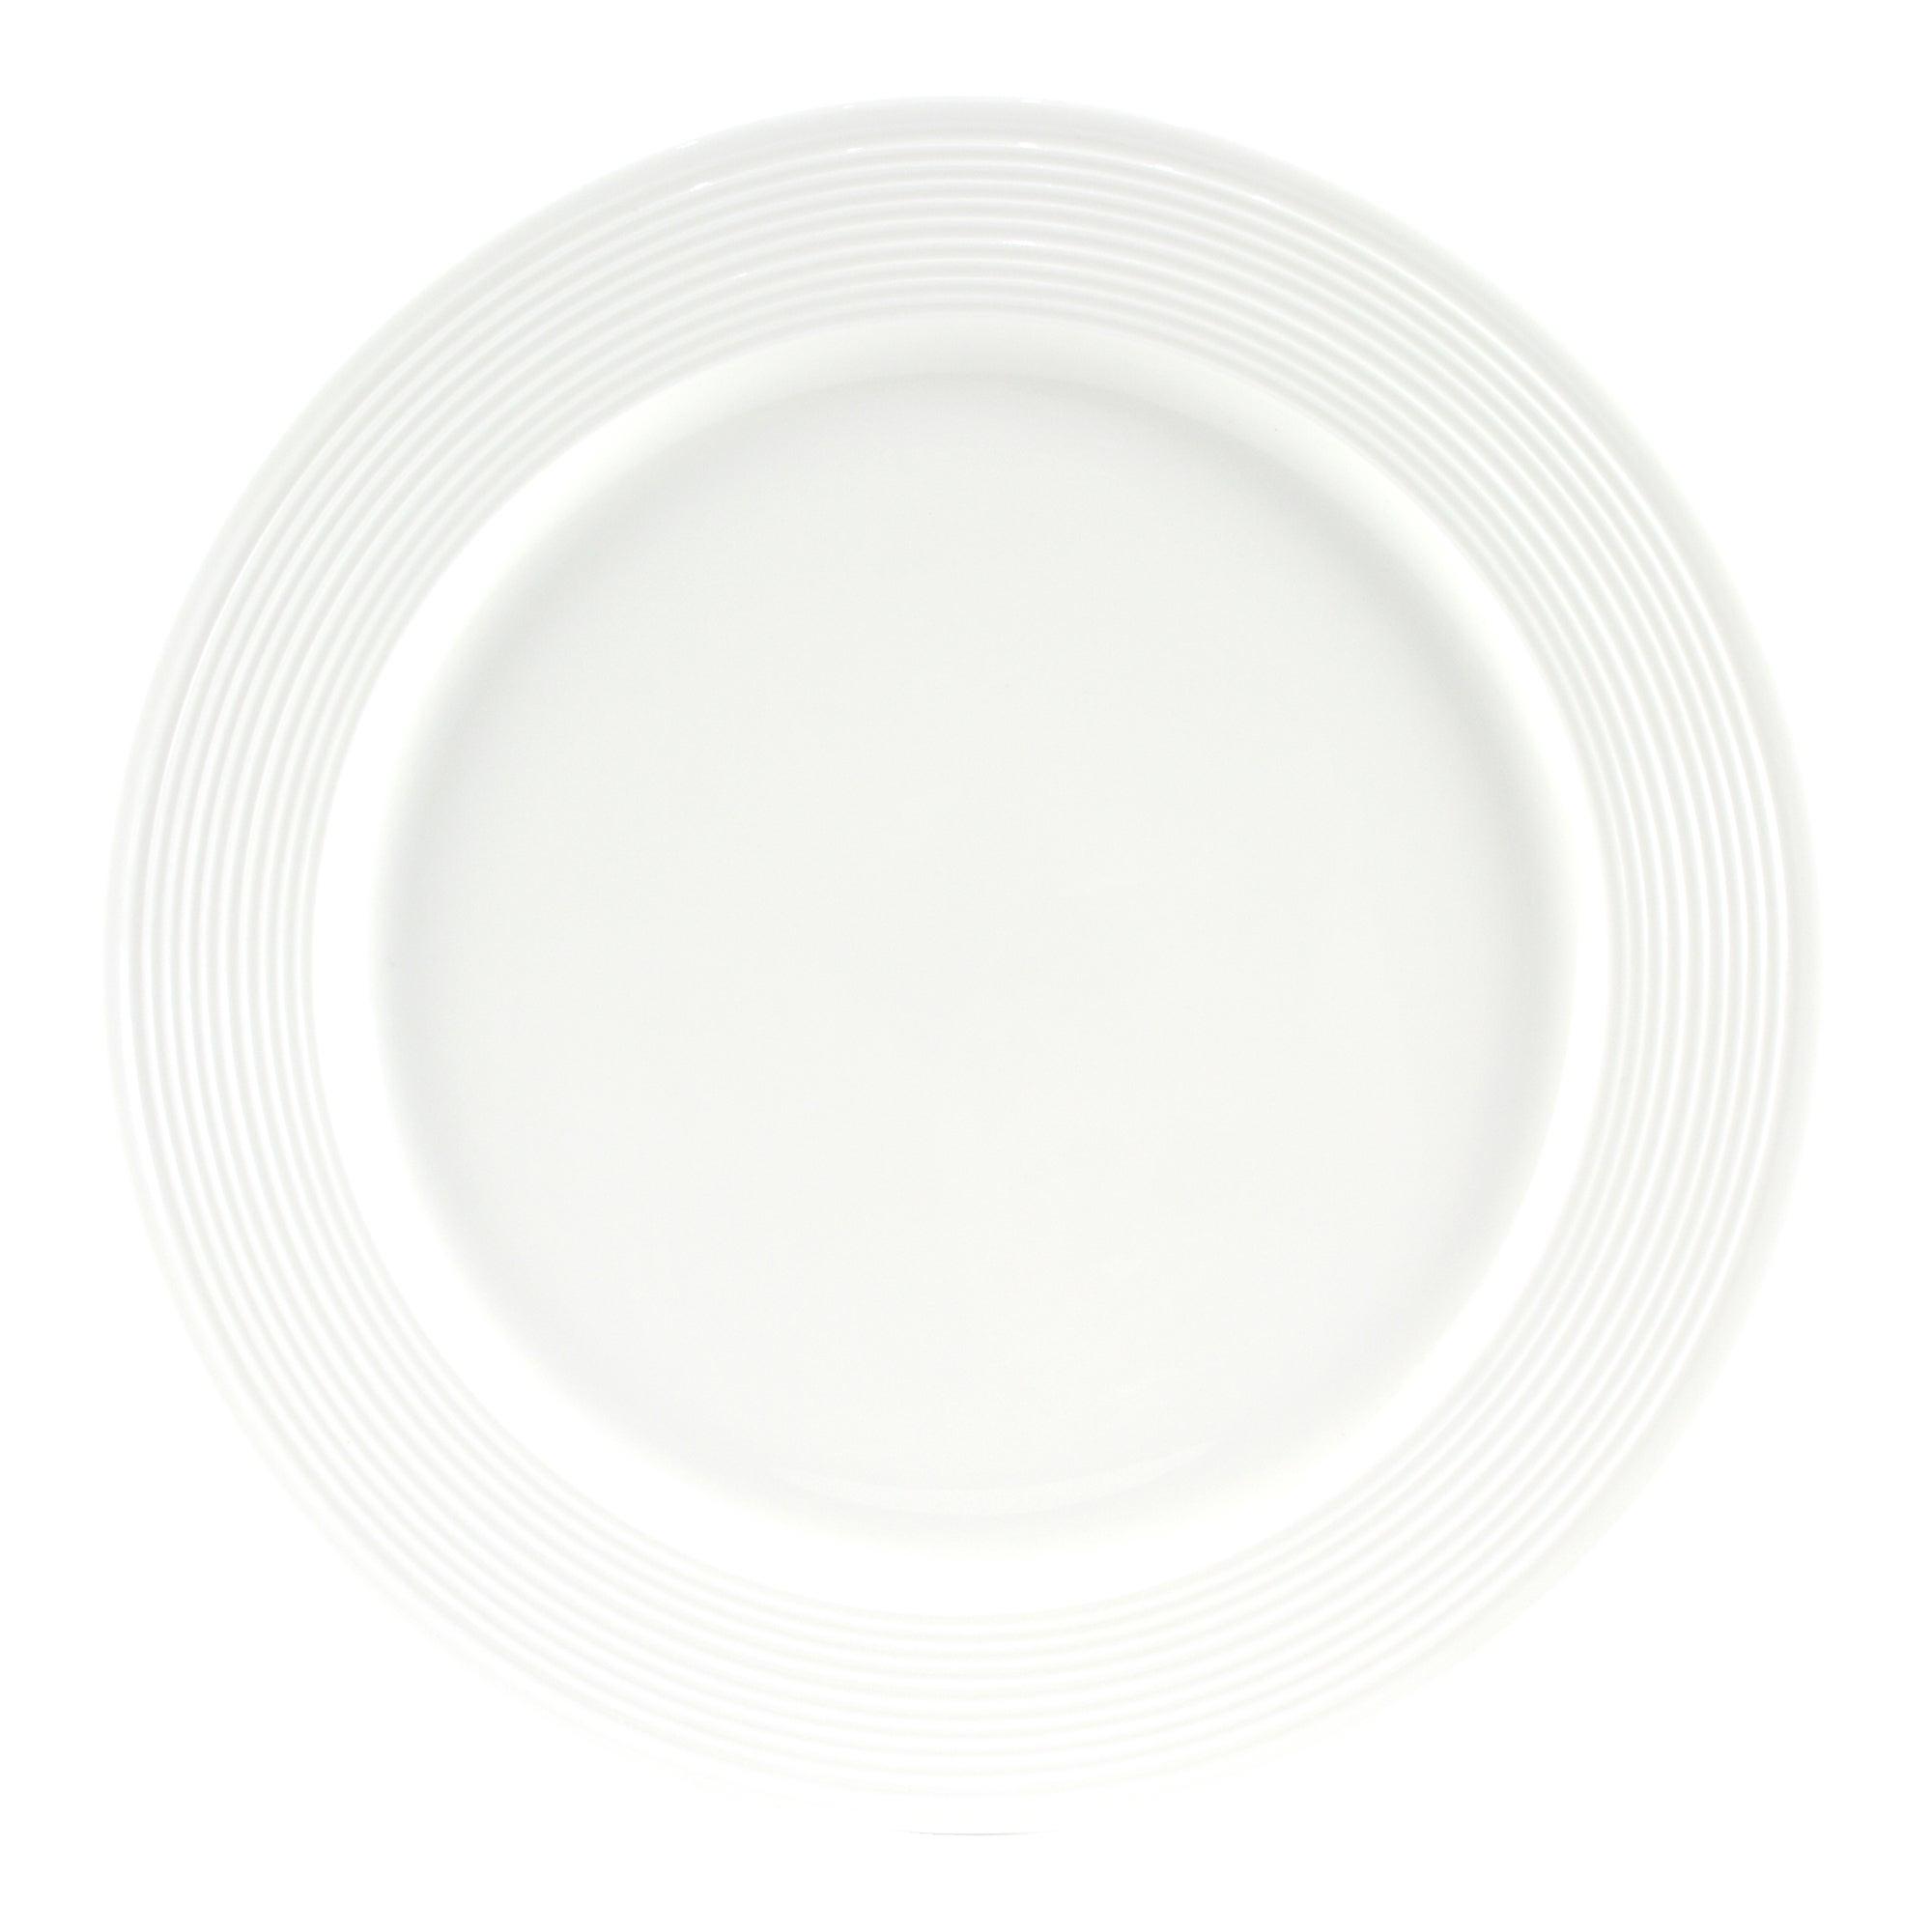 Dorma Windsor Dinner Plate